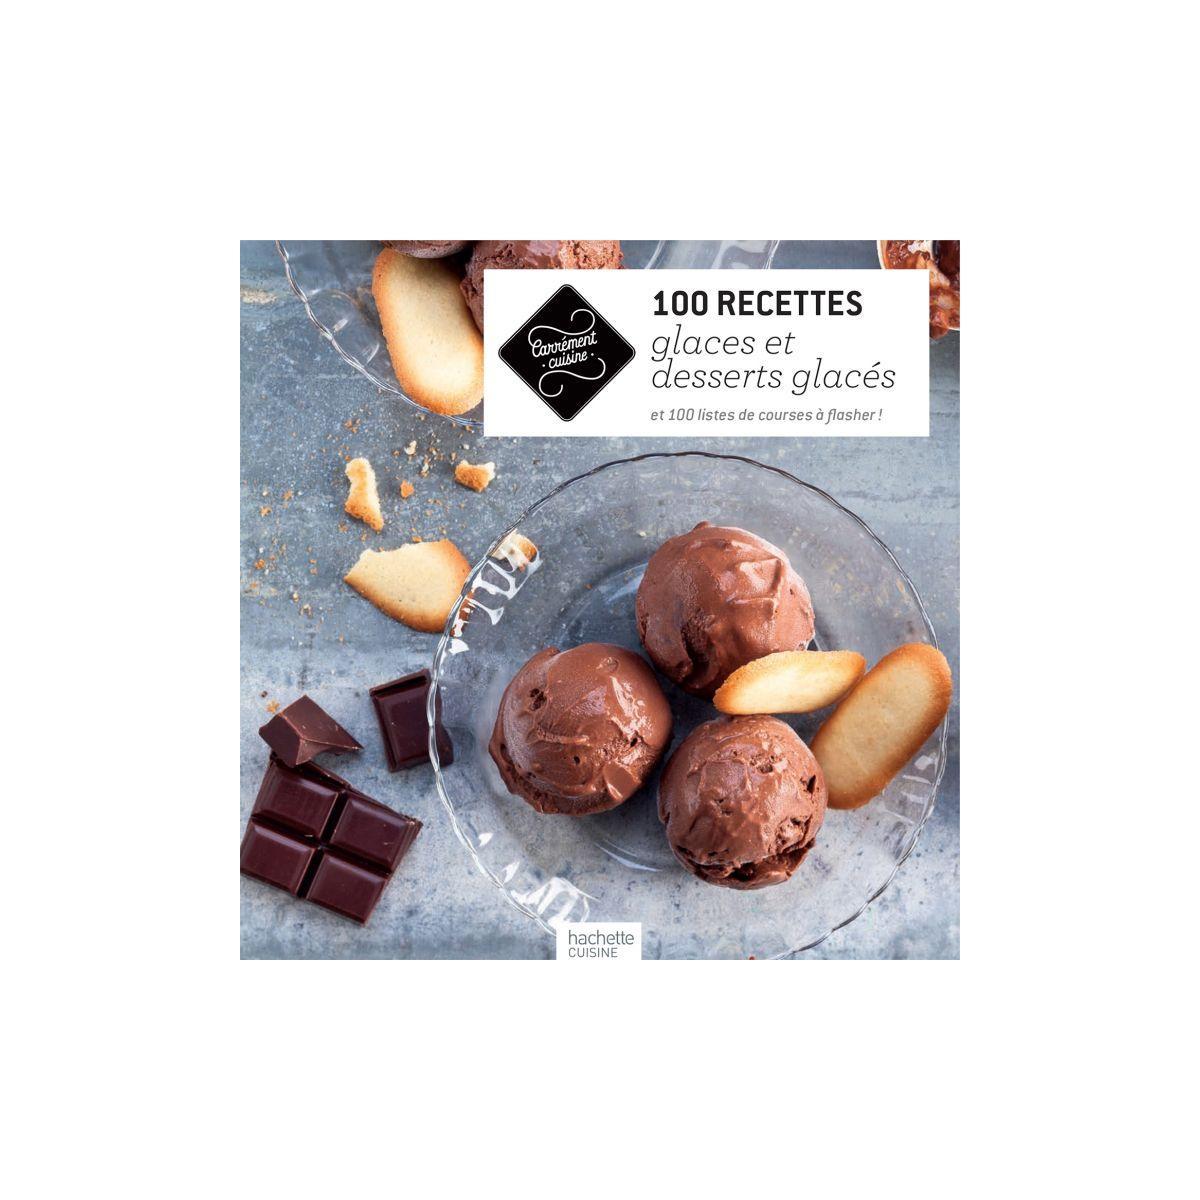 Livre hachette 100 recettes de glaces et - la sélection webdistrib.com (photo)